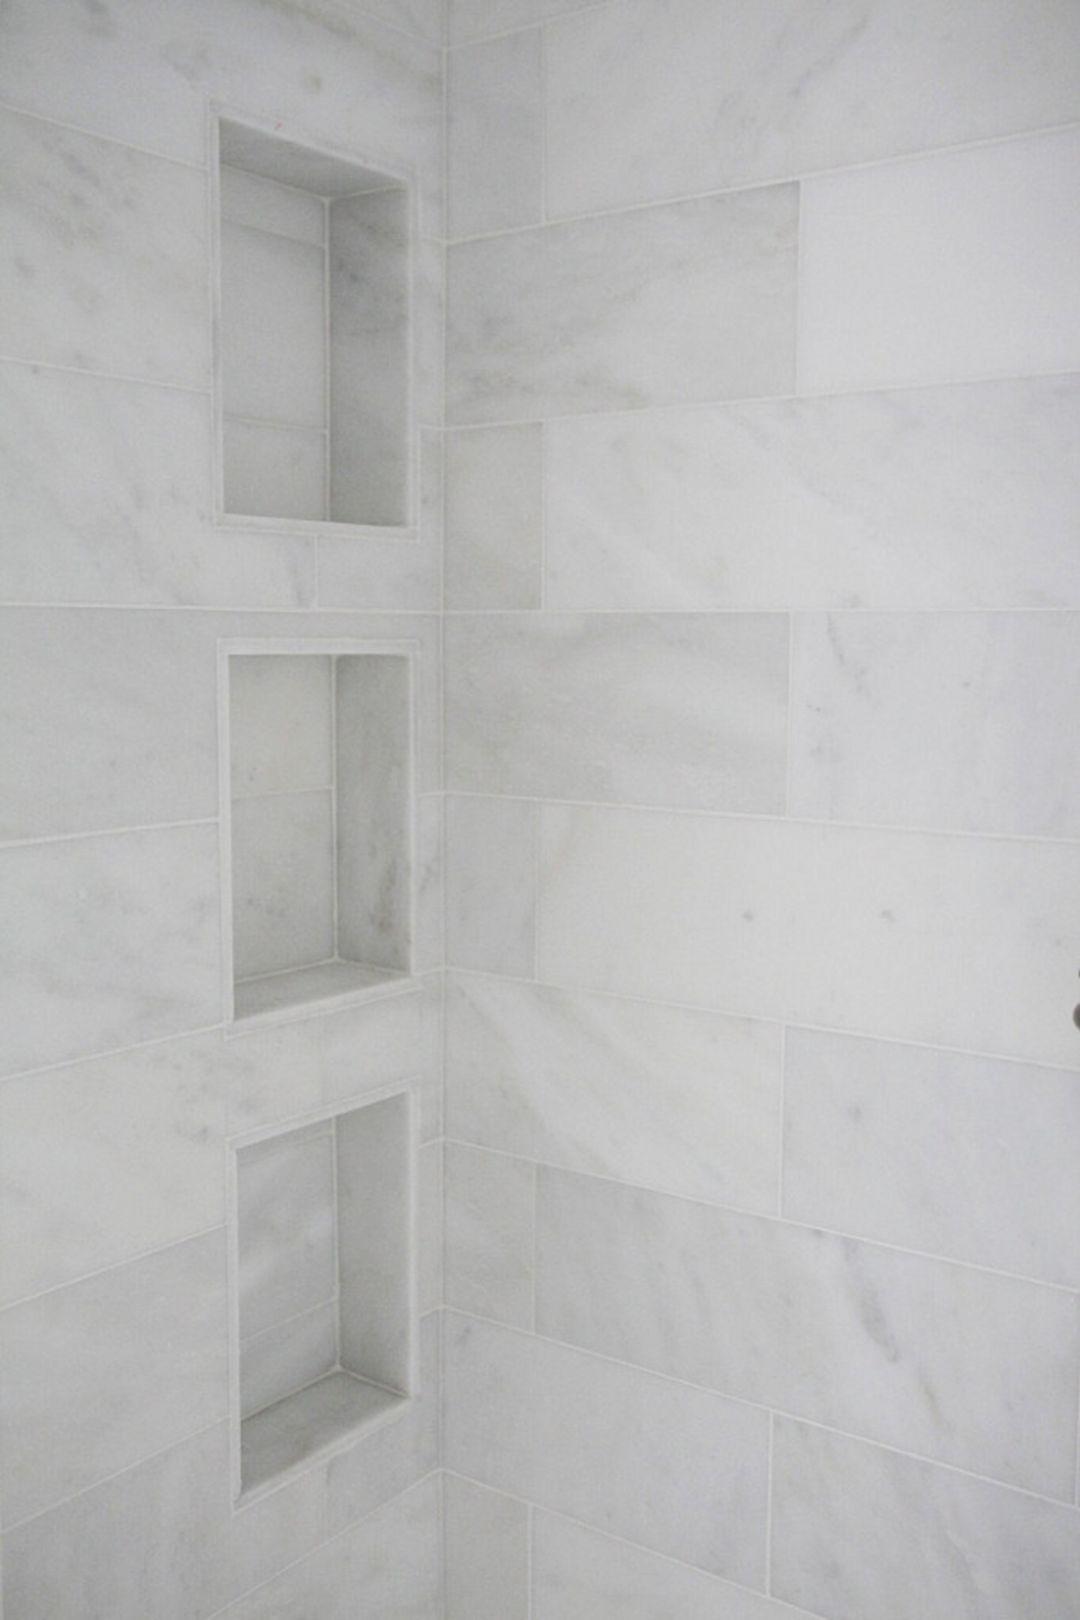 Bathroom Tile Design (Bathroom Tile Design) design ideas and photos #bathroomtiledesigns